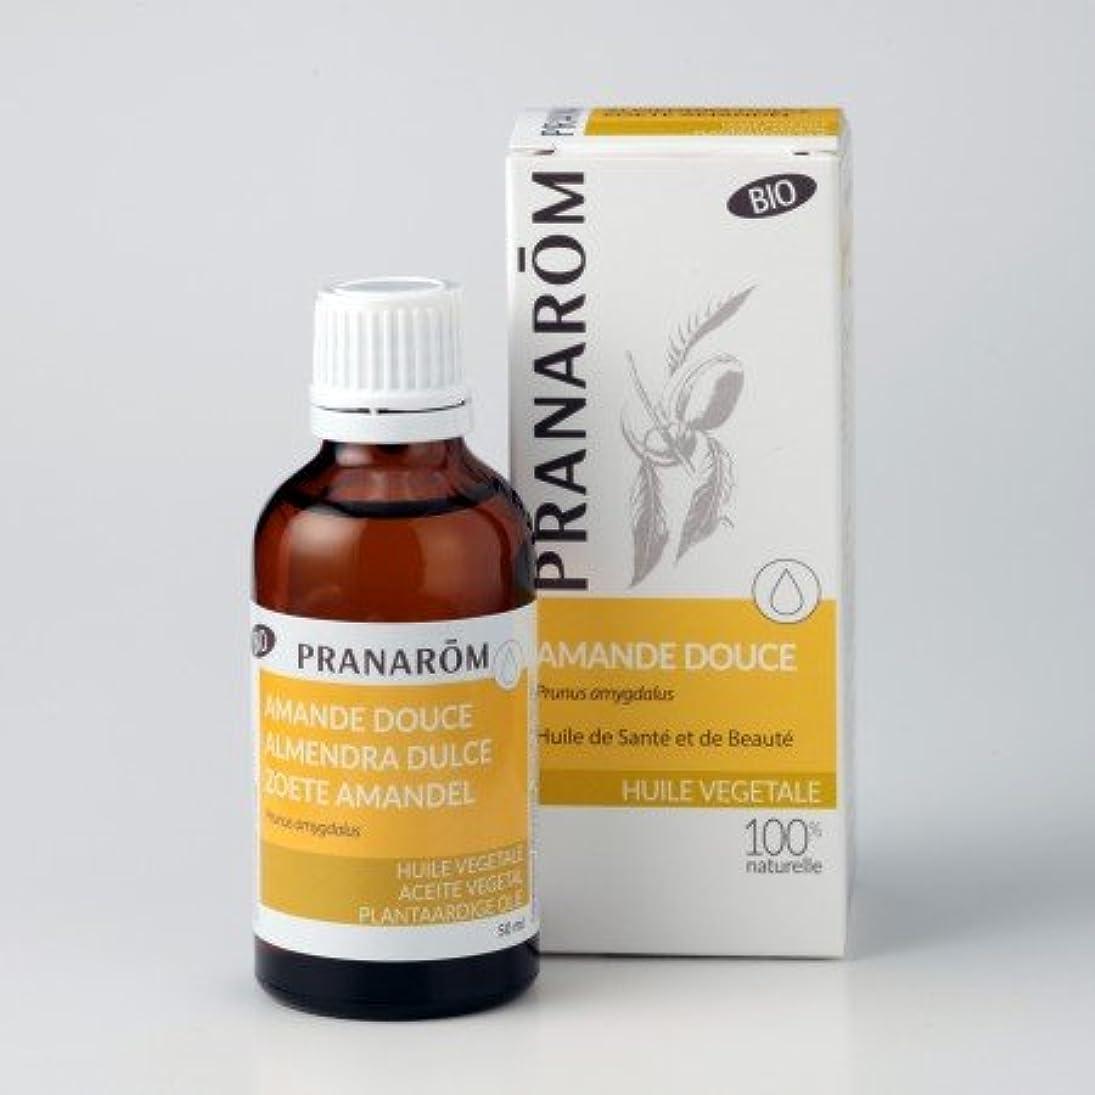 ハンディキャップモールス信号装置プラナロム ( PRANAROM ) 植物油 スィートアーモンド油 ( スイートアーモンド油 ) 50ml 12640 スイートアーモンドオイル キャリア...